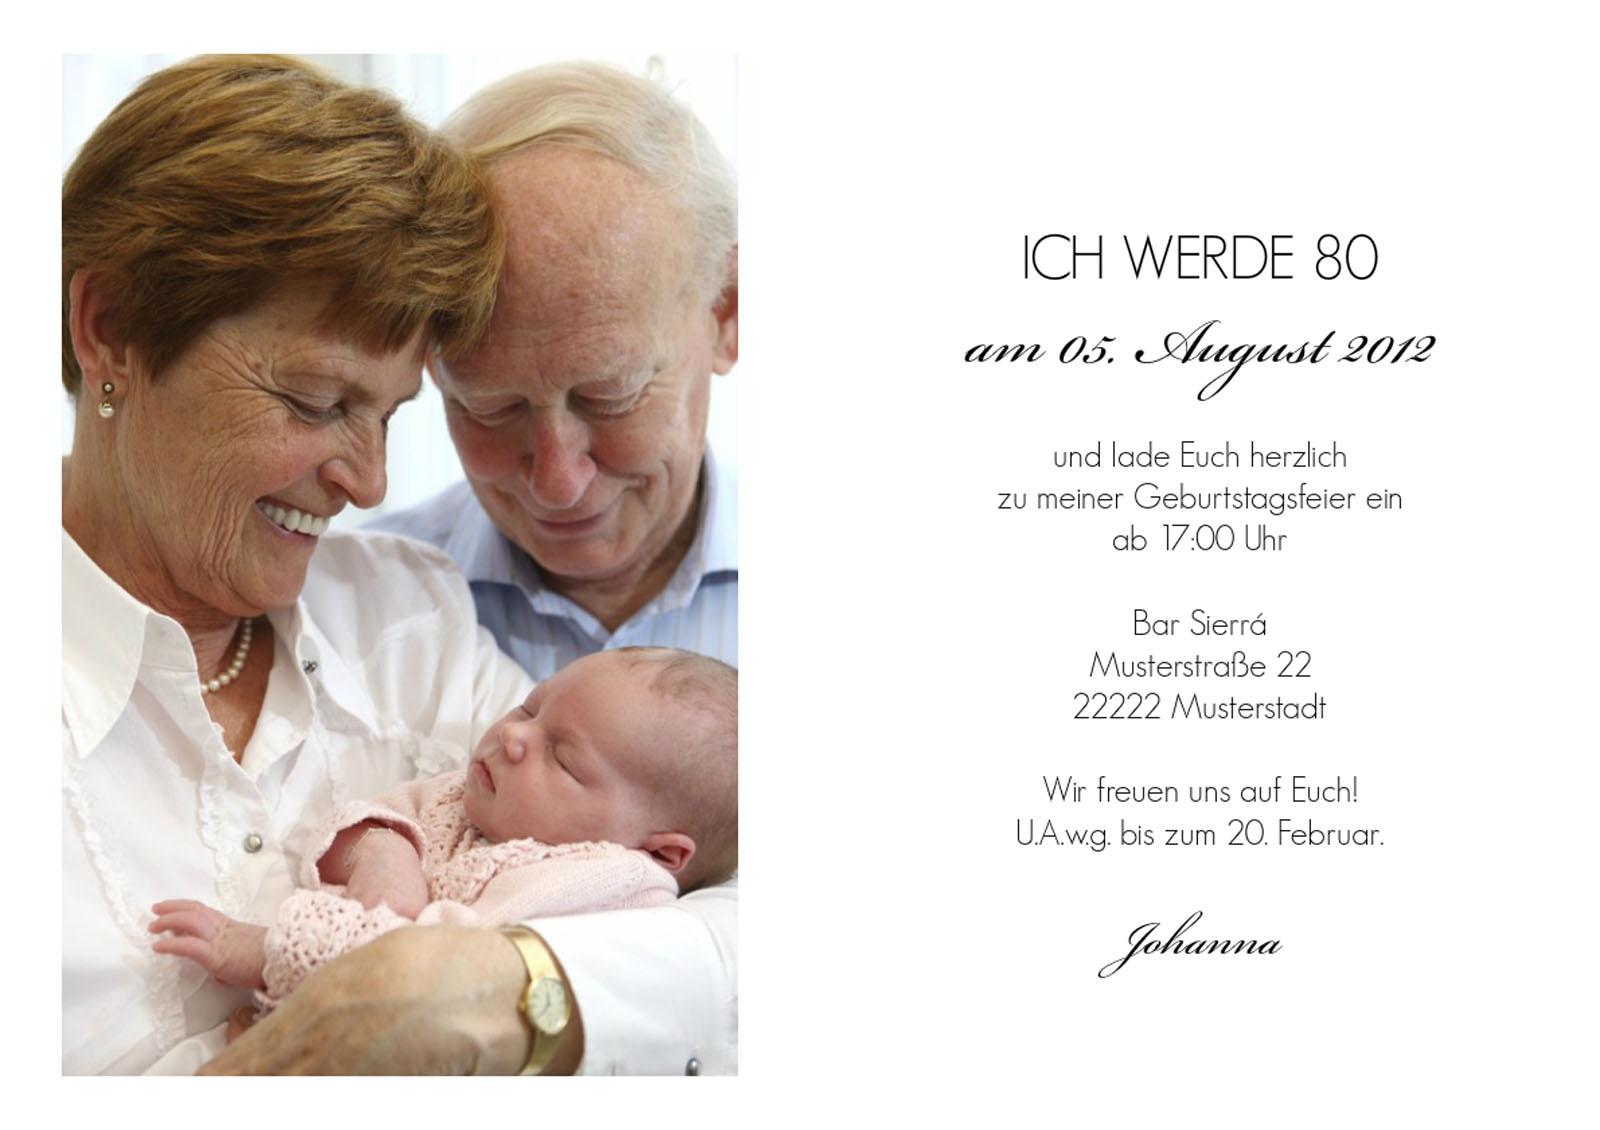 Cliparts zum 80 geburtstag. Einladung clipartfest geburtstageinladung